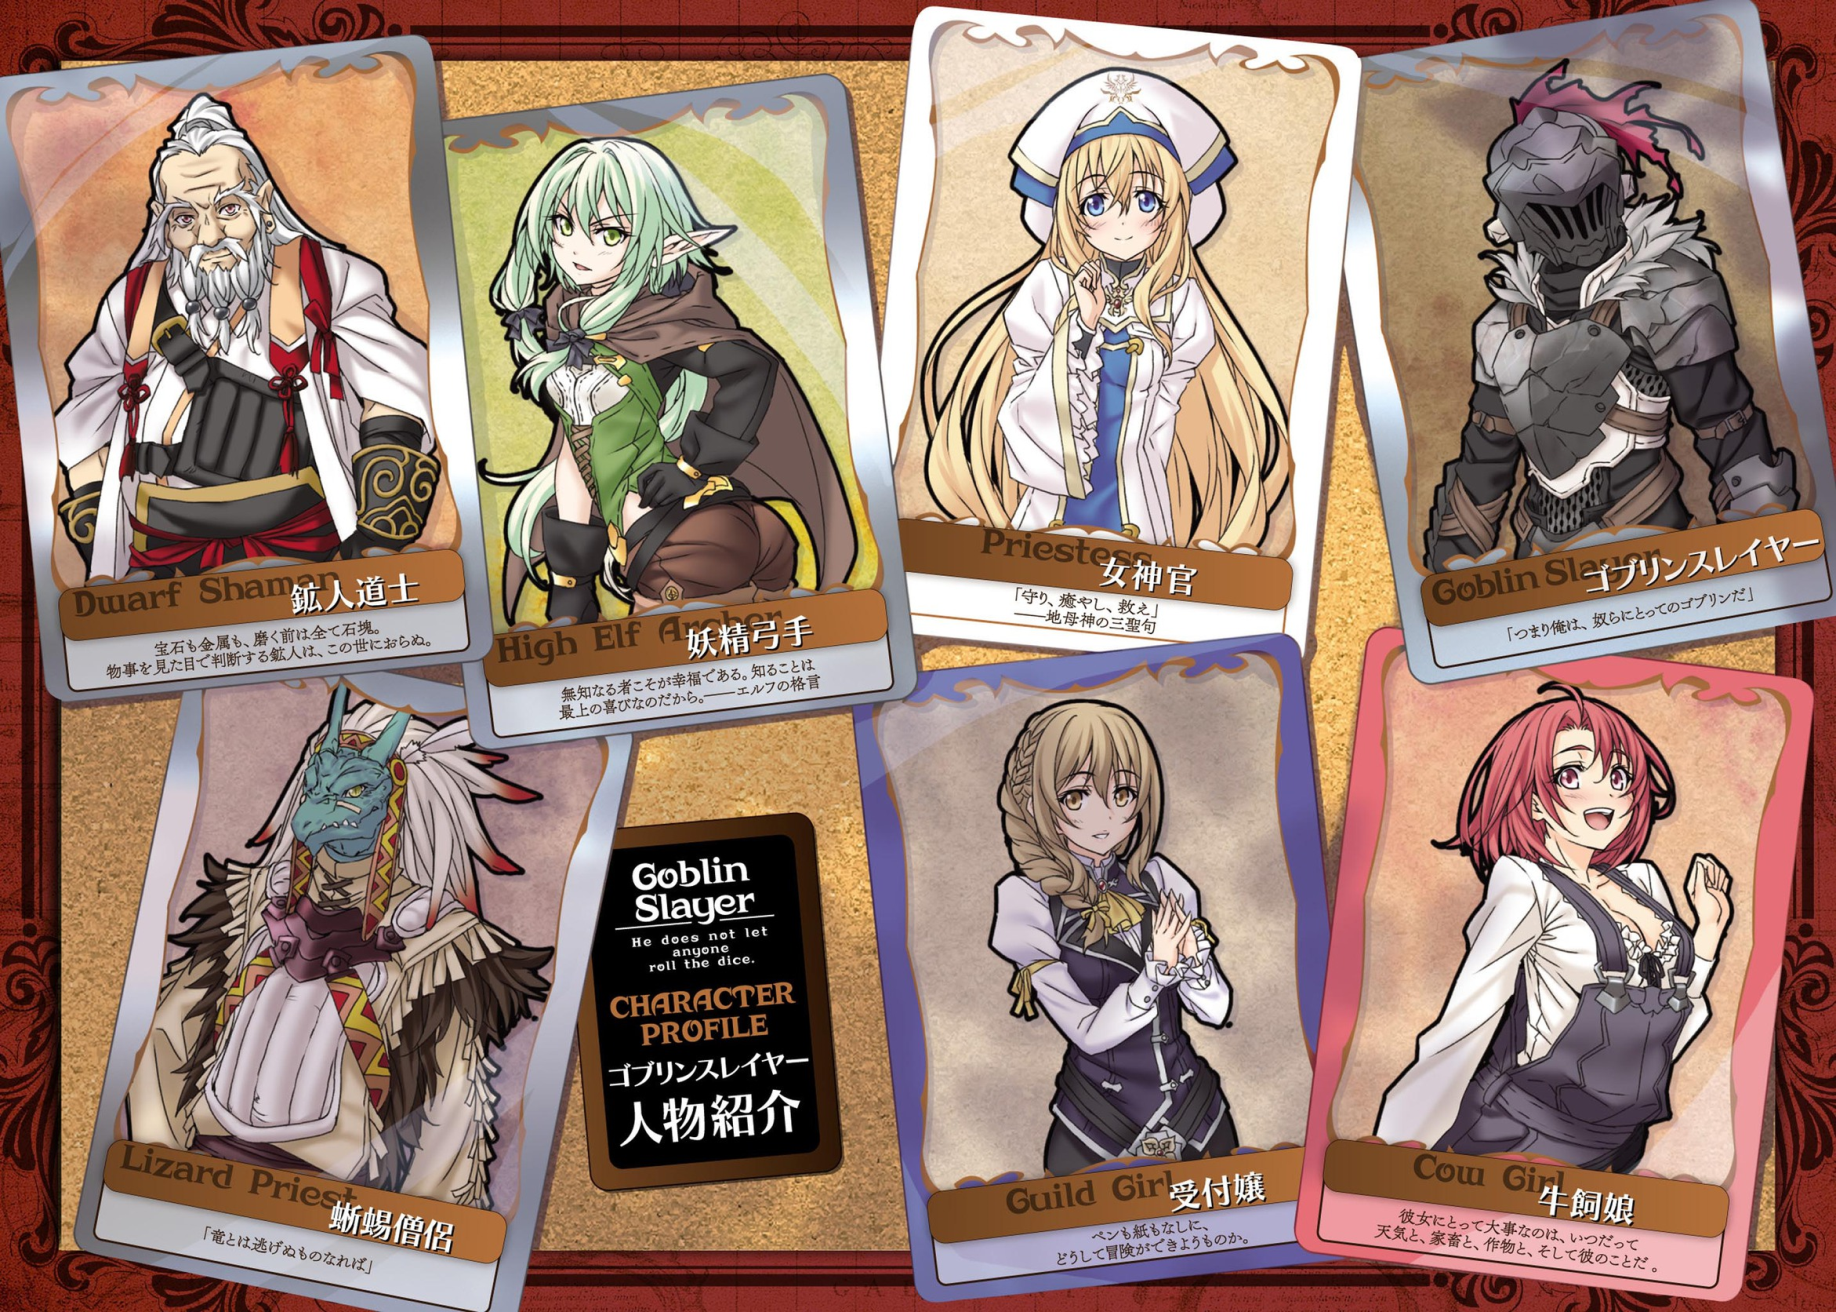 Goblin Slayer Anime and illustration art Pinterest